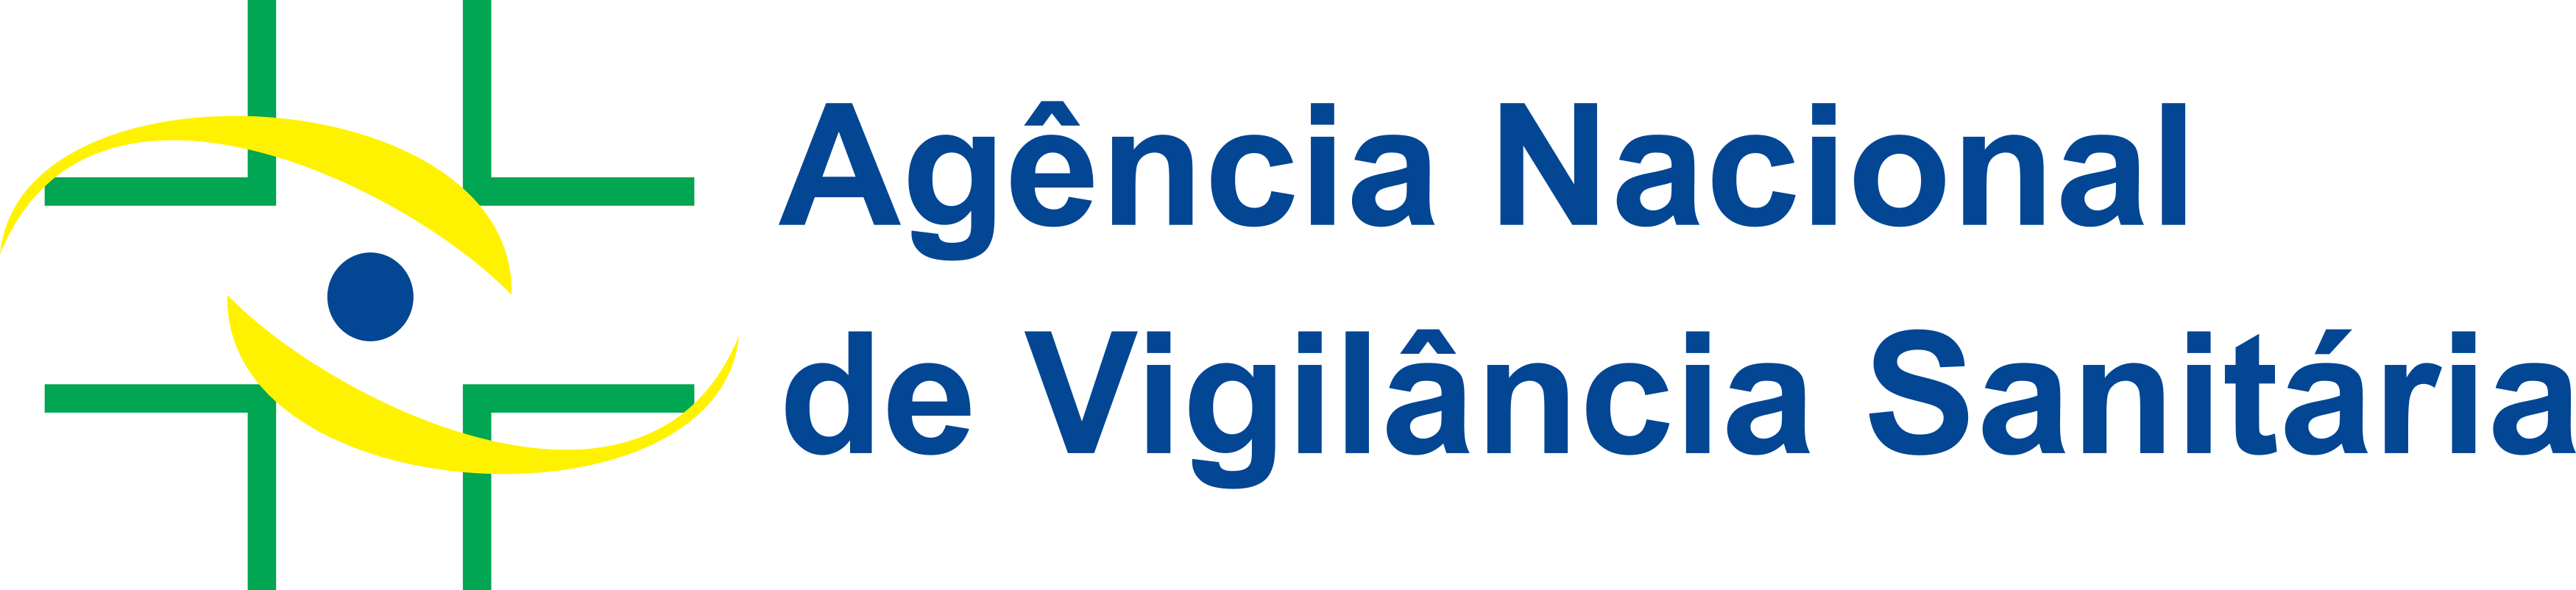 ANVISA Logo.